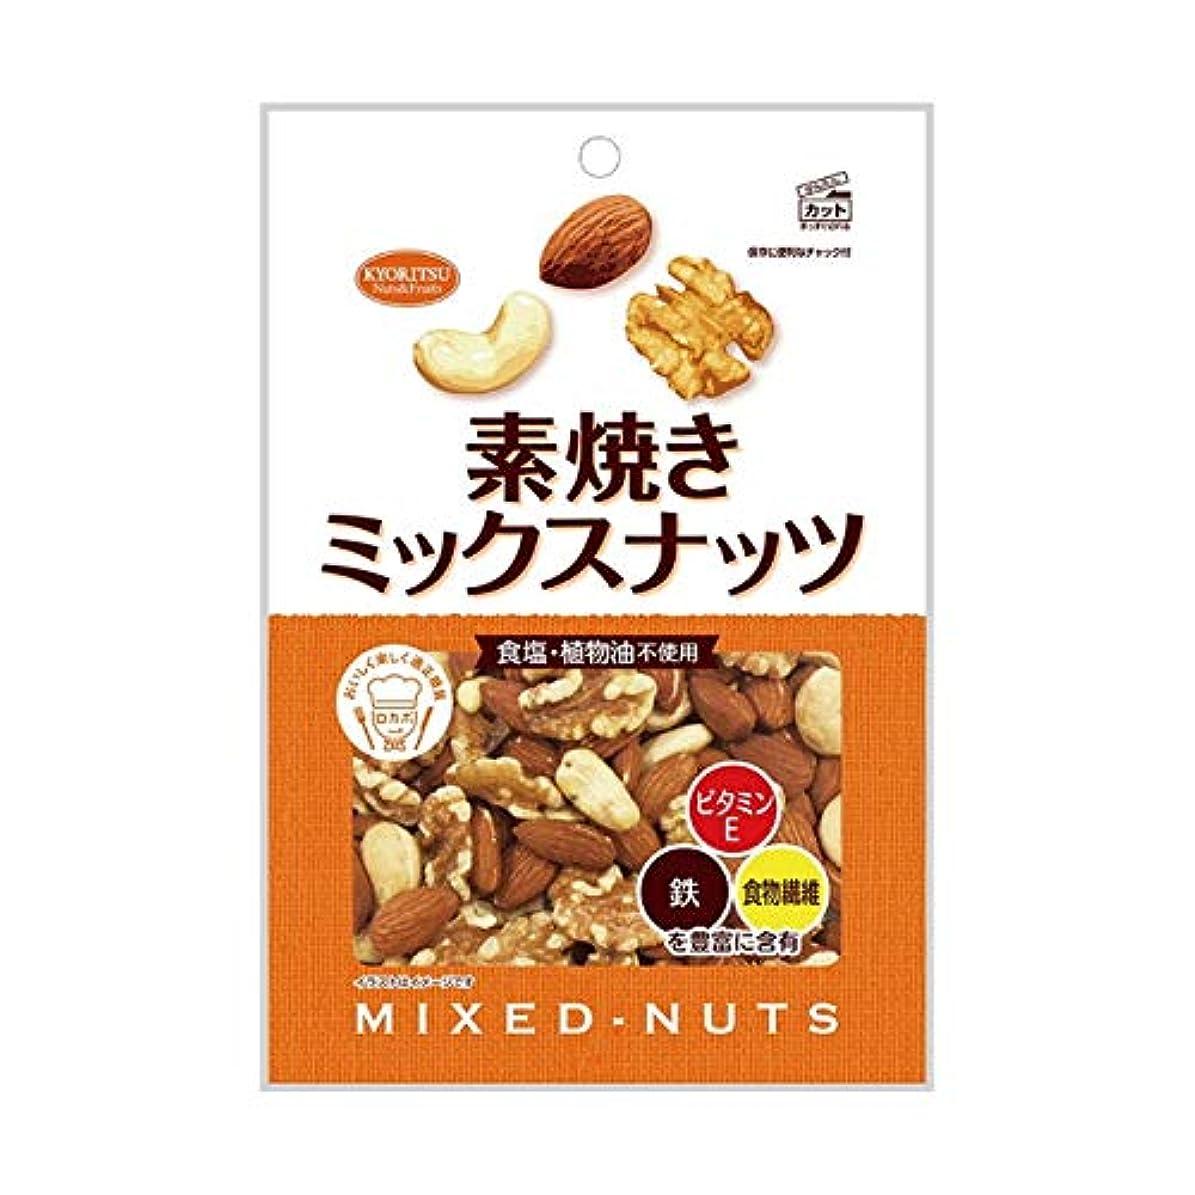 活力辞任リング◆共立 素焼きミックスナッツ 徳用 200g【6個セット】